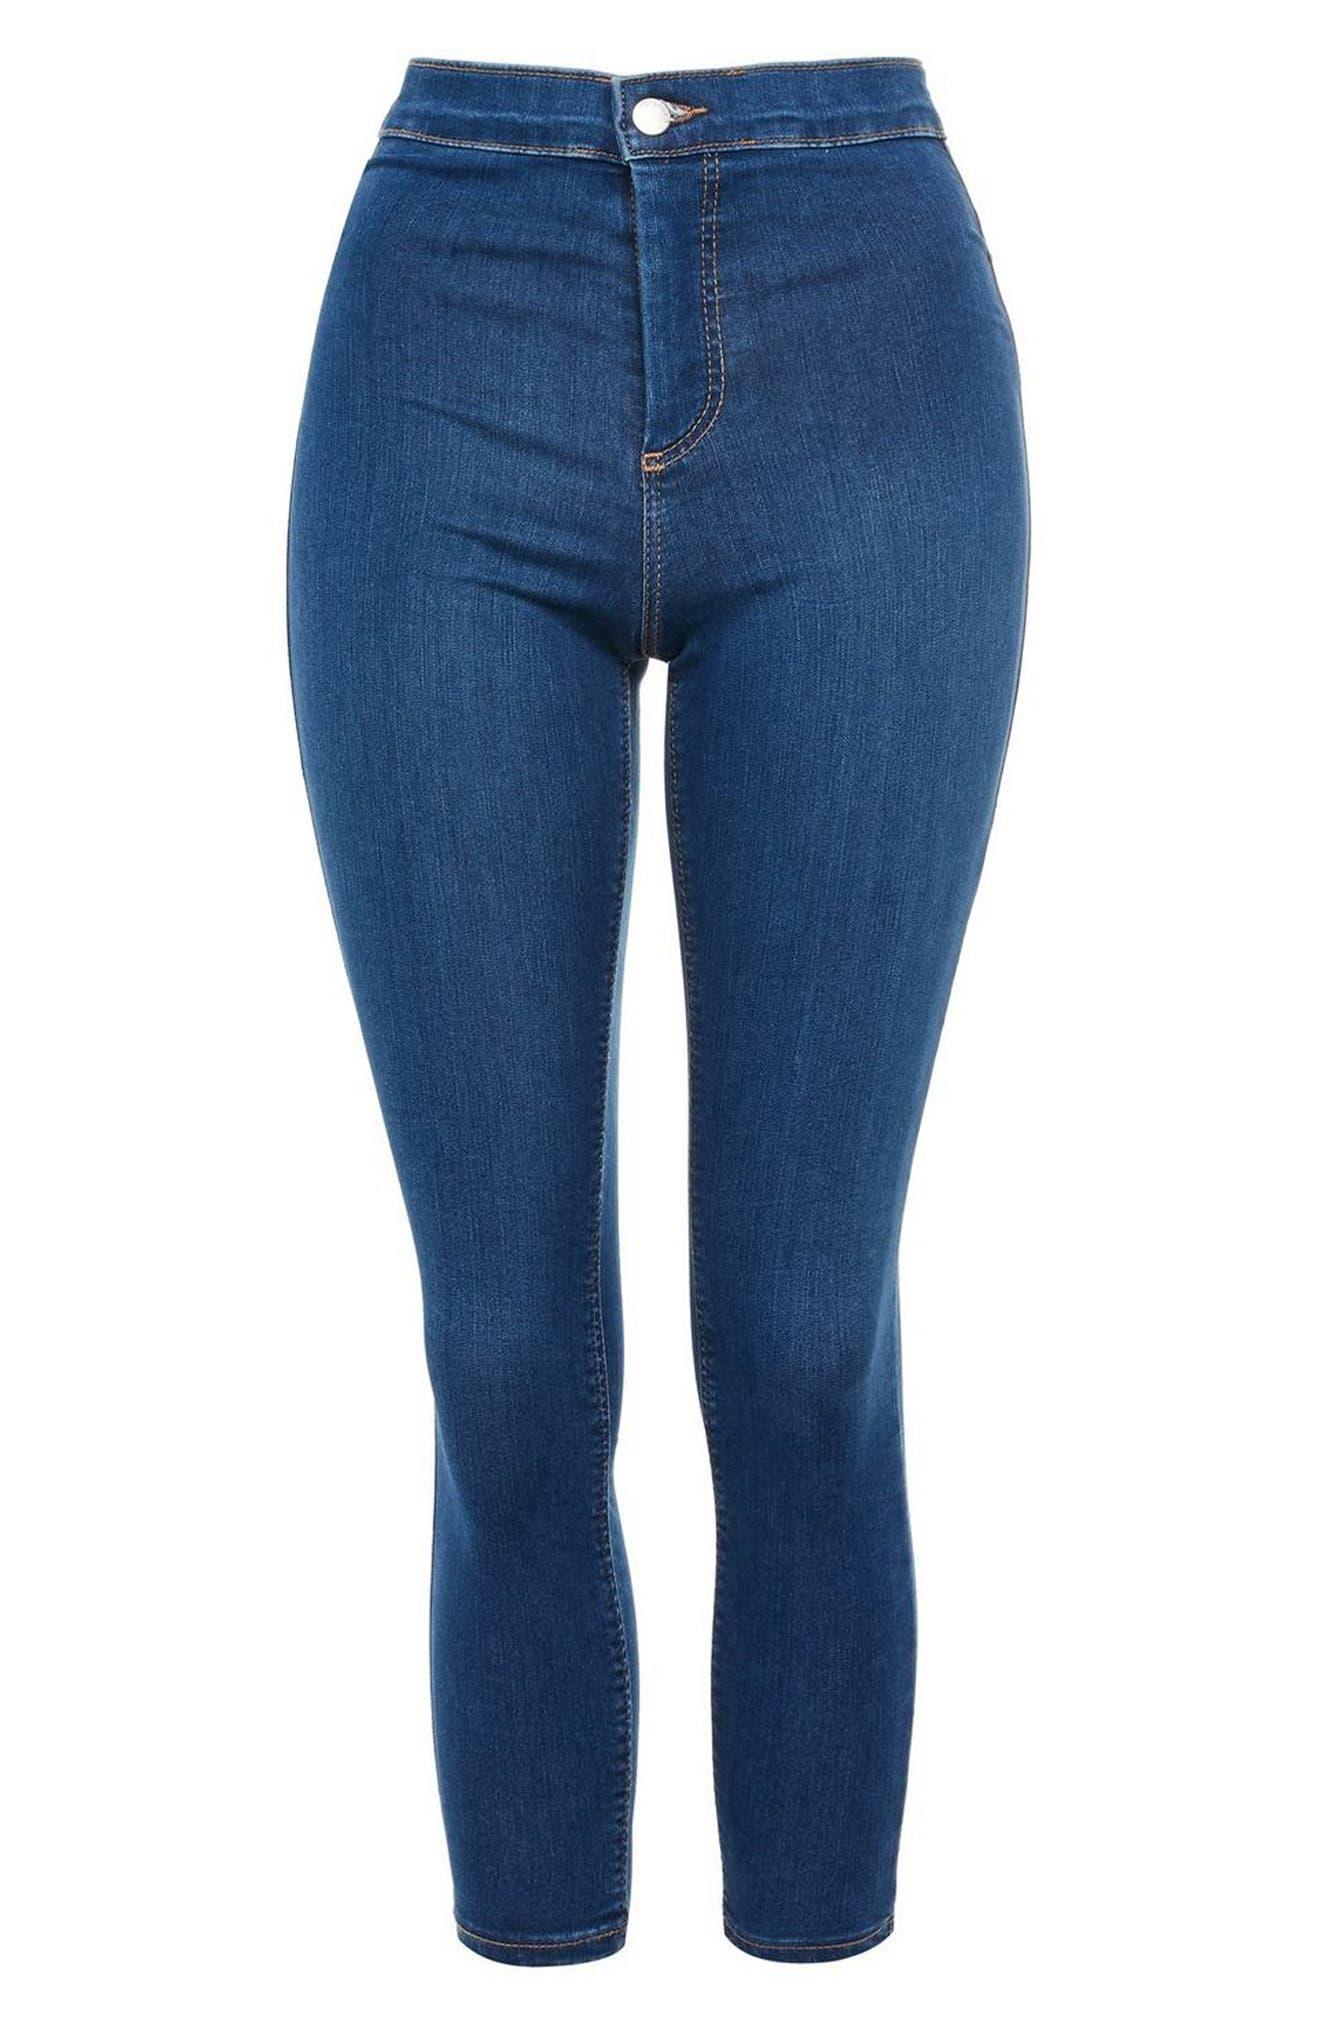 TOPSHOP, Moto Joni Skinny Jeans, Alternate thumbnail 4, color, BLUE